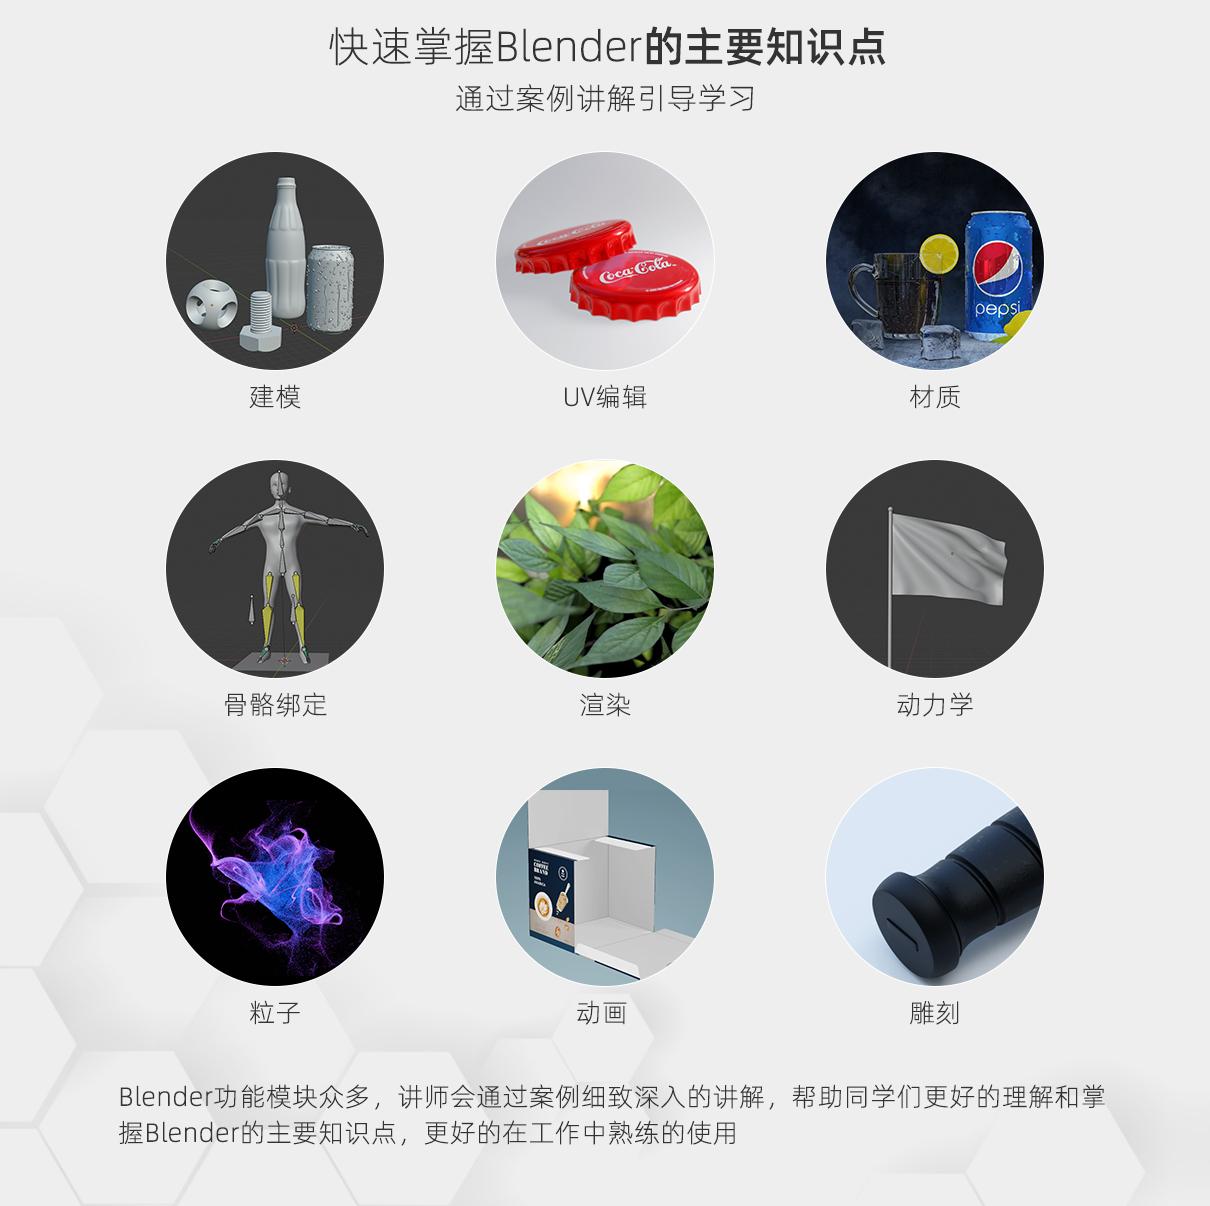 快速掌握Blender的主要知识点.jpg